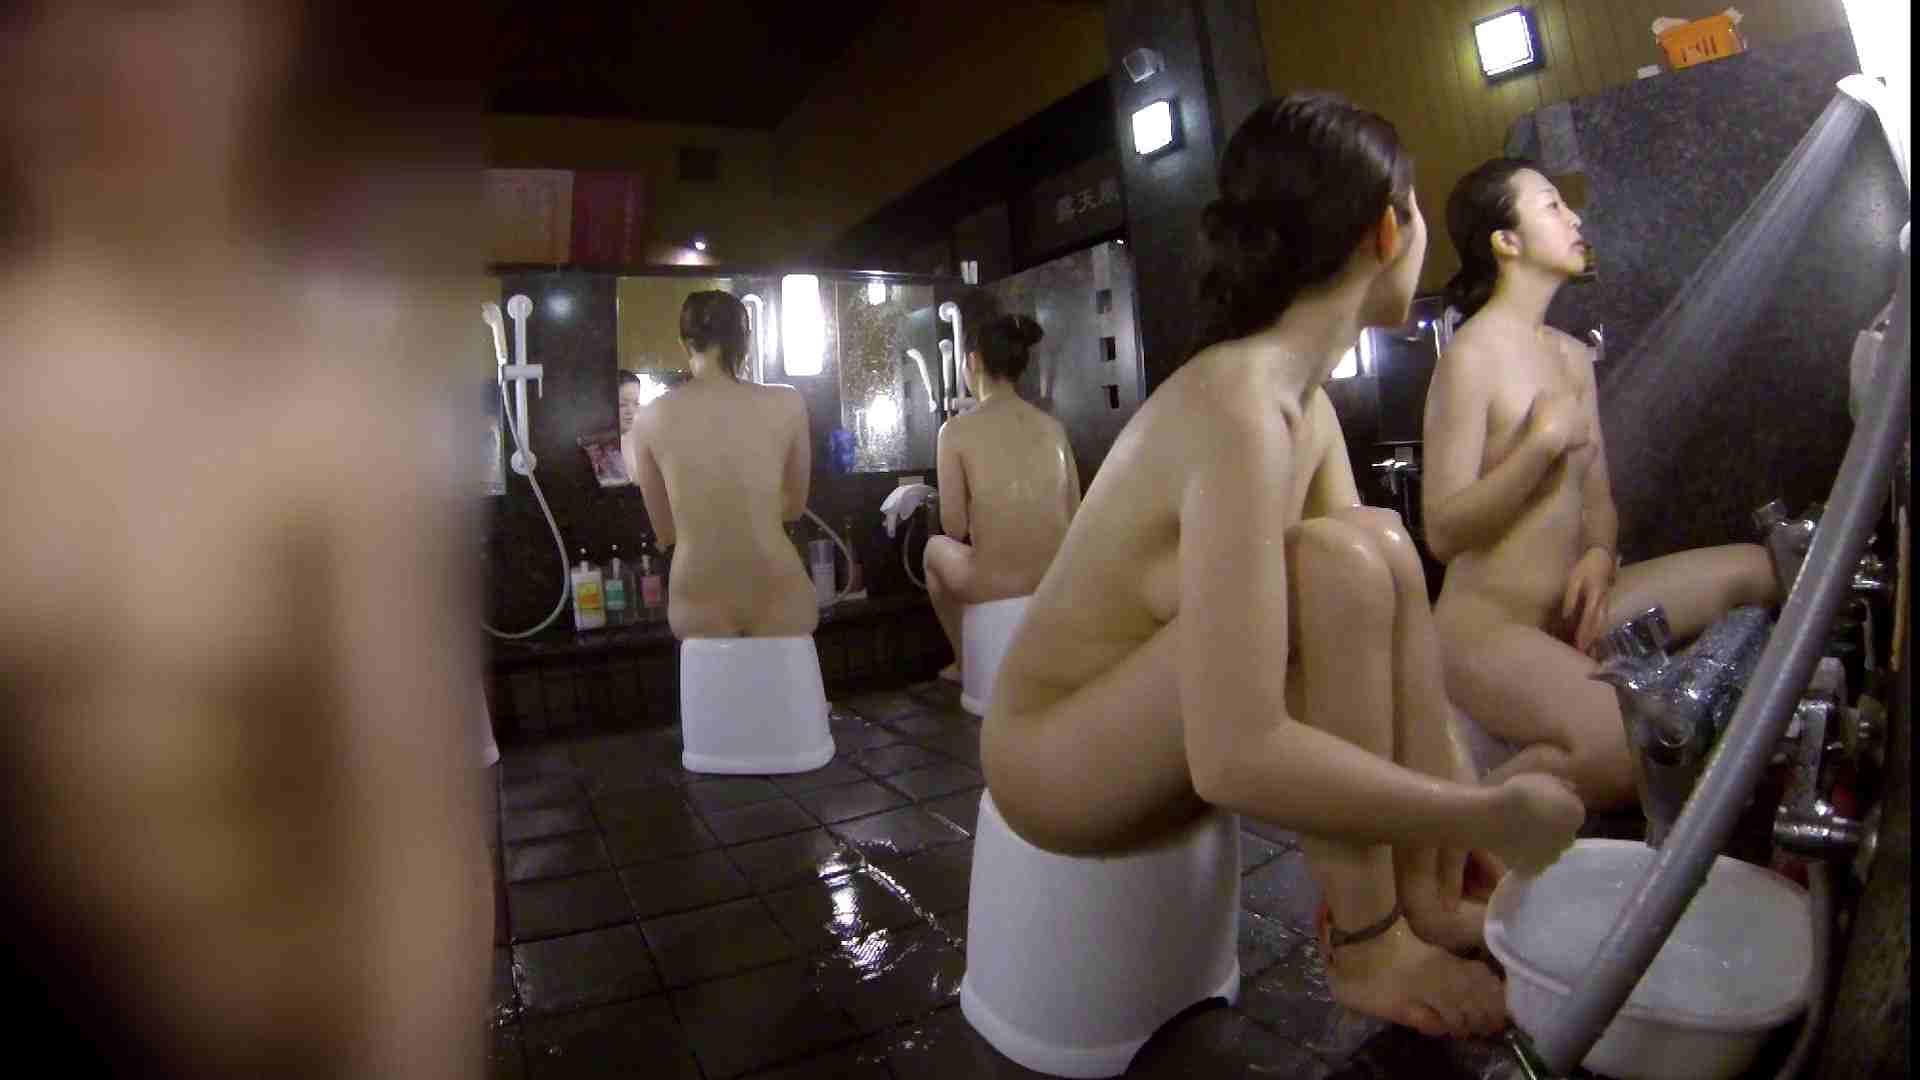 洗い場!地味目の女の子2人組。ずっと話しながら洗ってます。 細身女性 ヌード画像 52画像 3